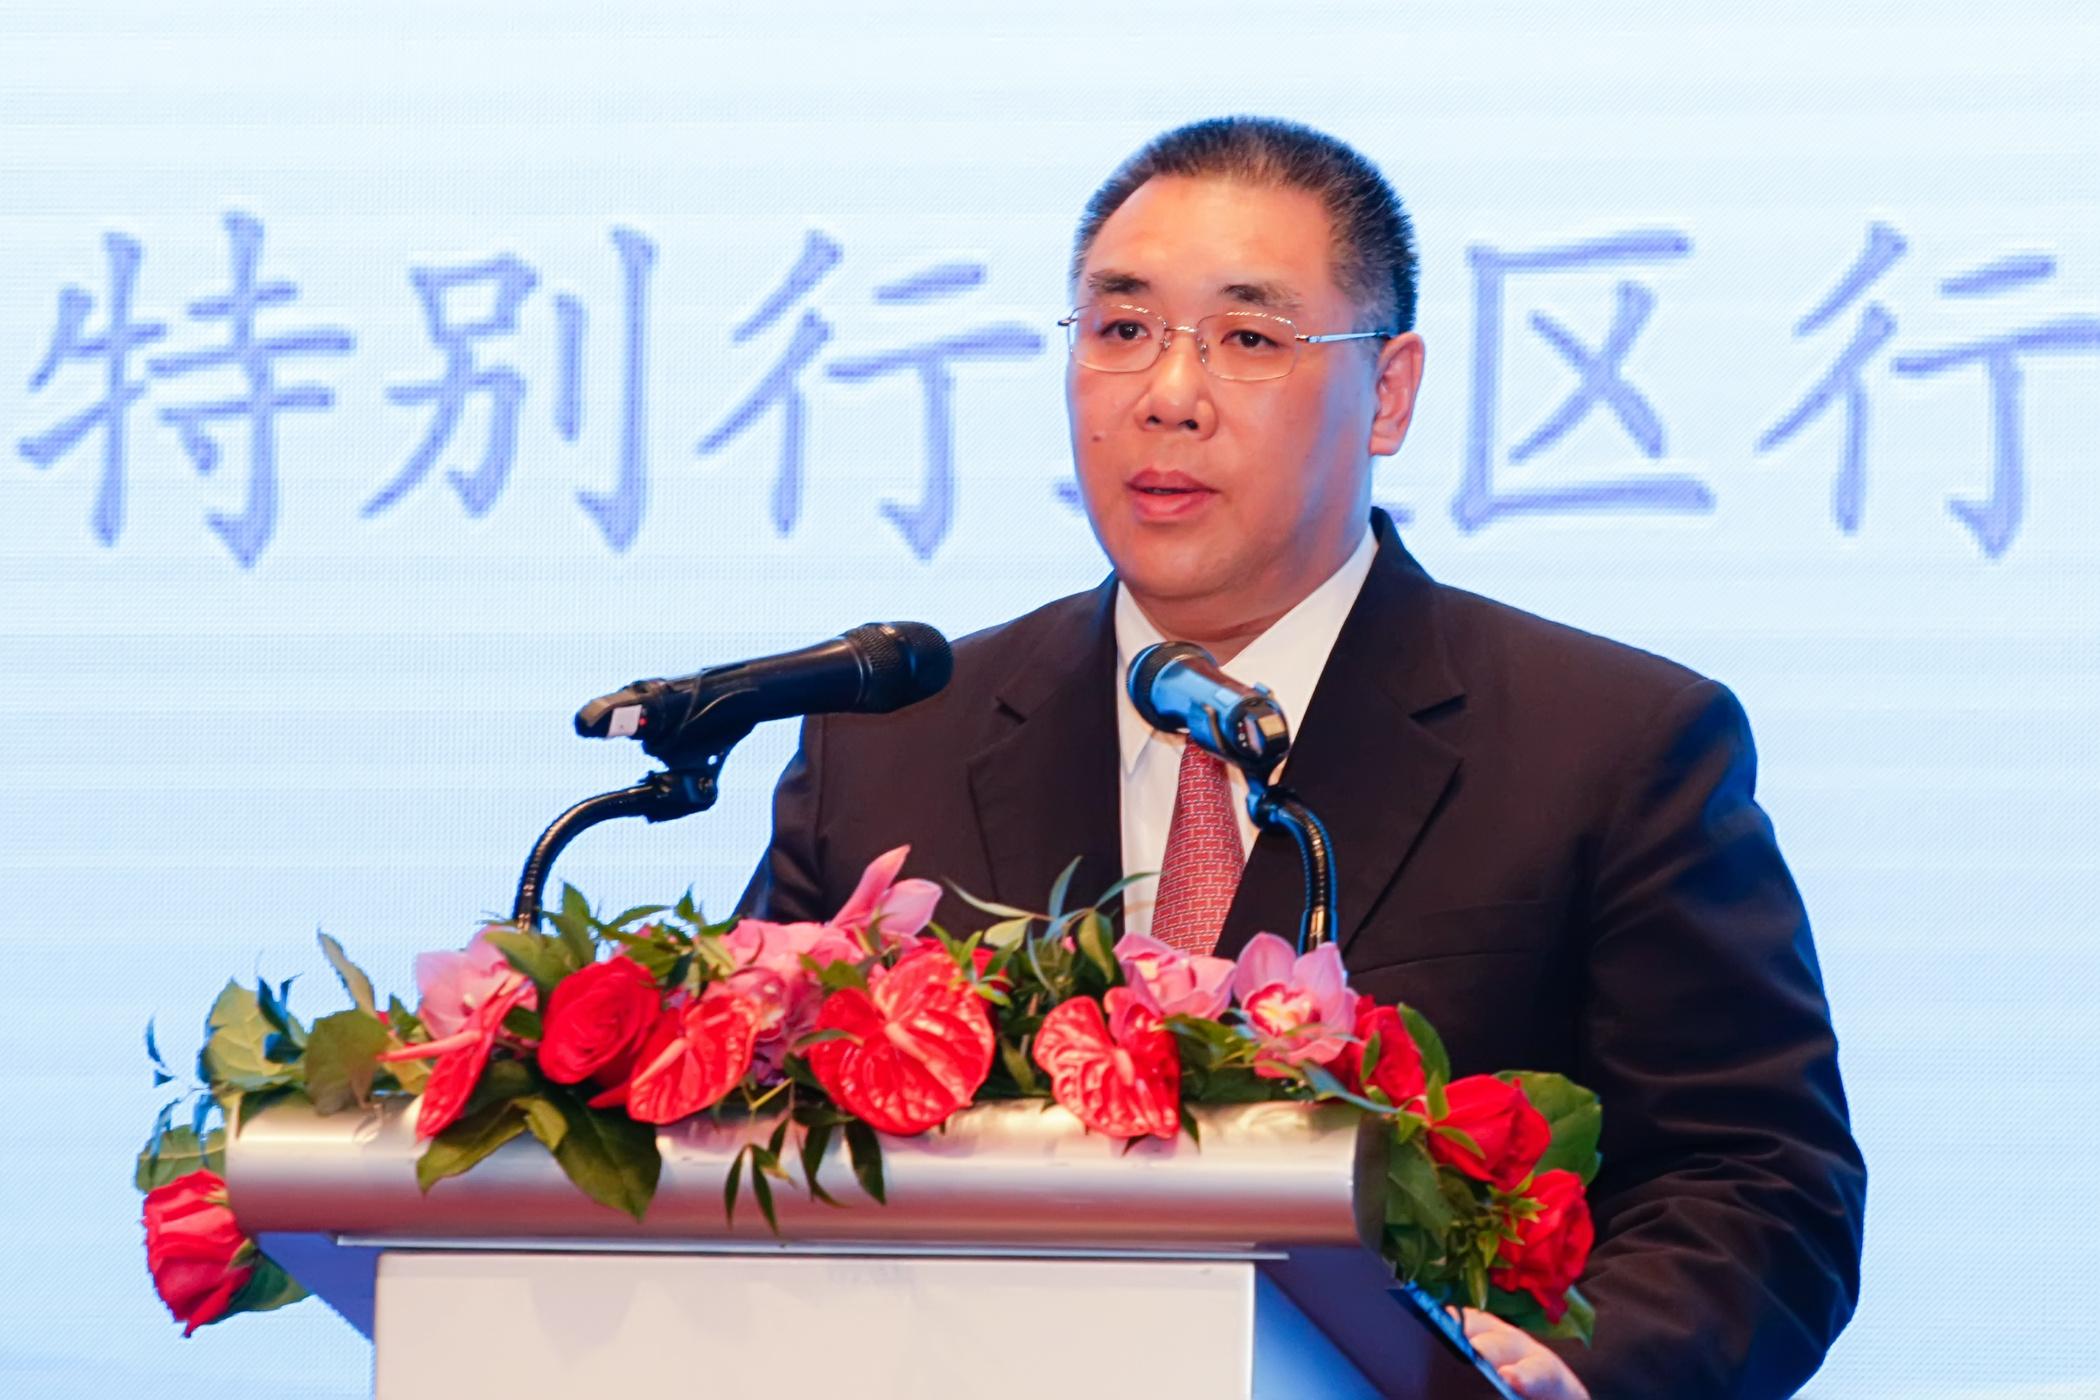 Chui Sai On garante manutenção da liberdade de imprensa em almoço com os media